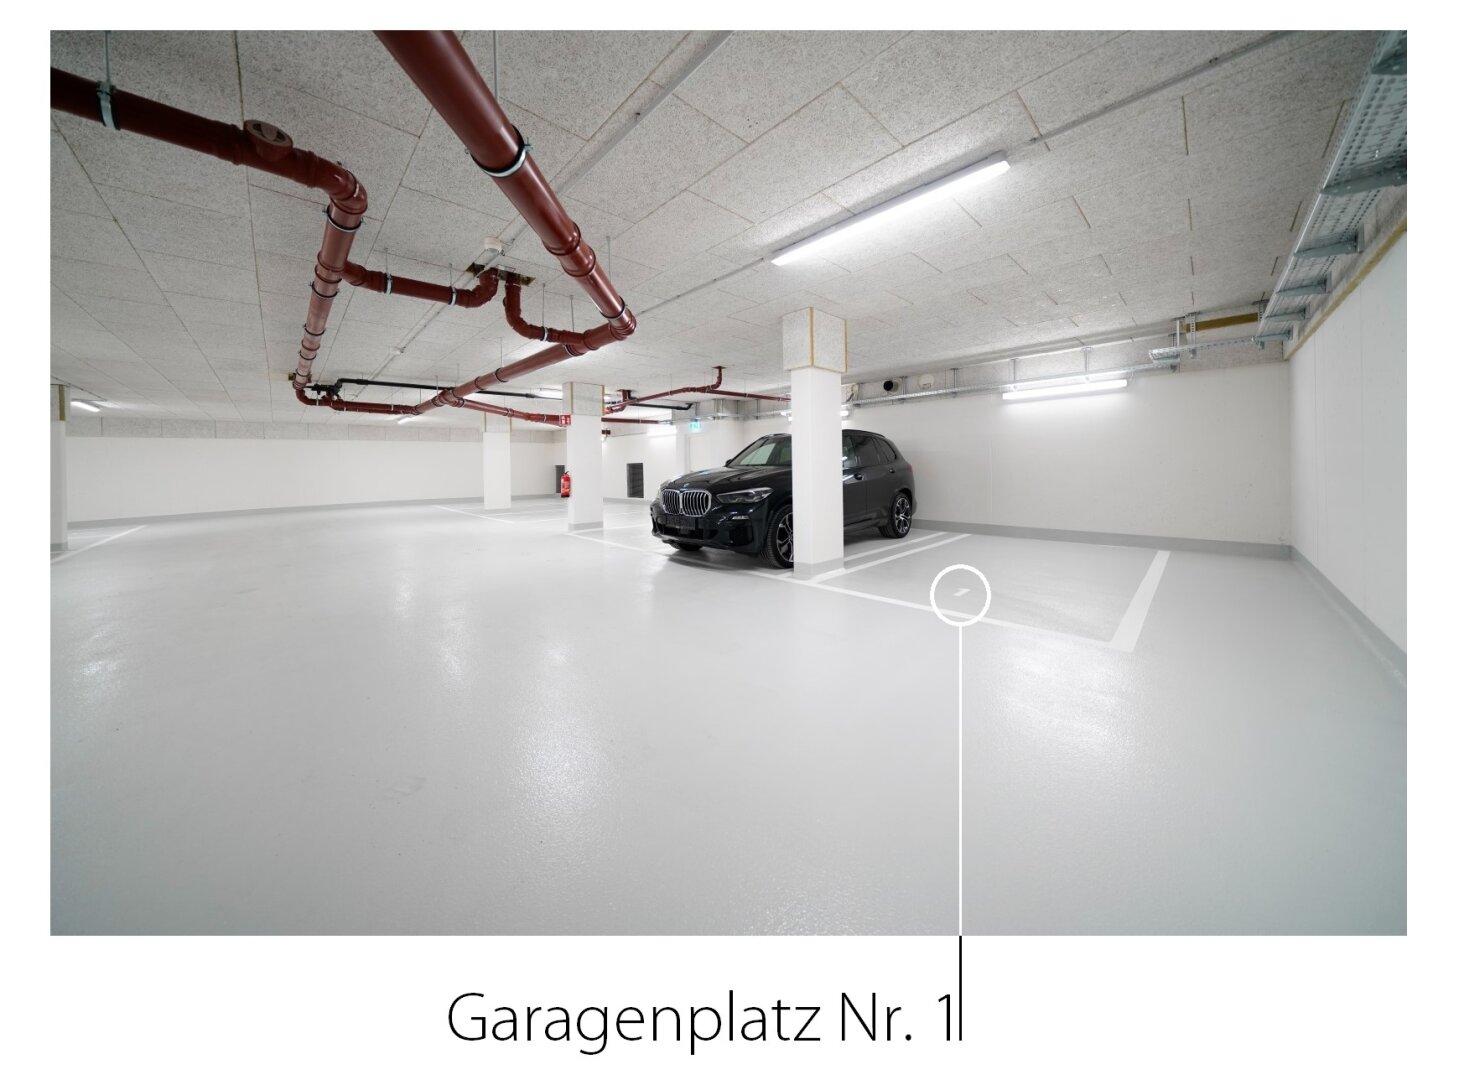 Garagenplatz Nr. 1